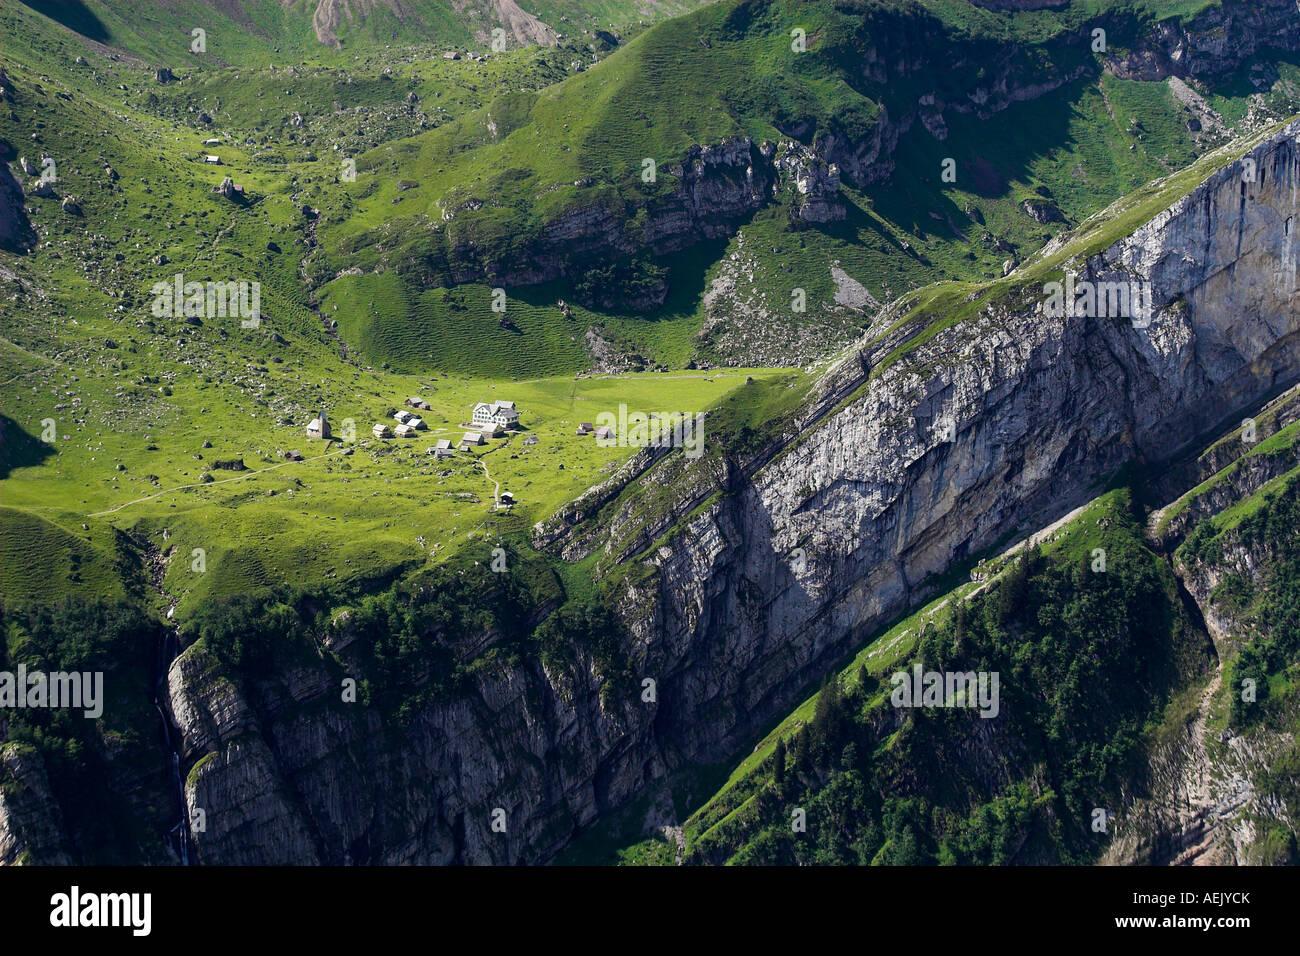 Die Meglisalp im Alpsteingebirge Kanton Appenzell, Schweiz Stockbild